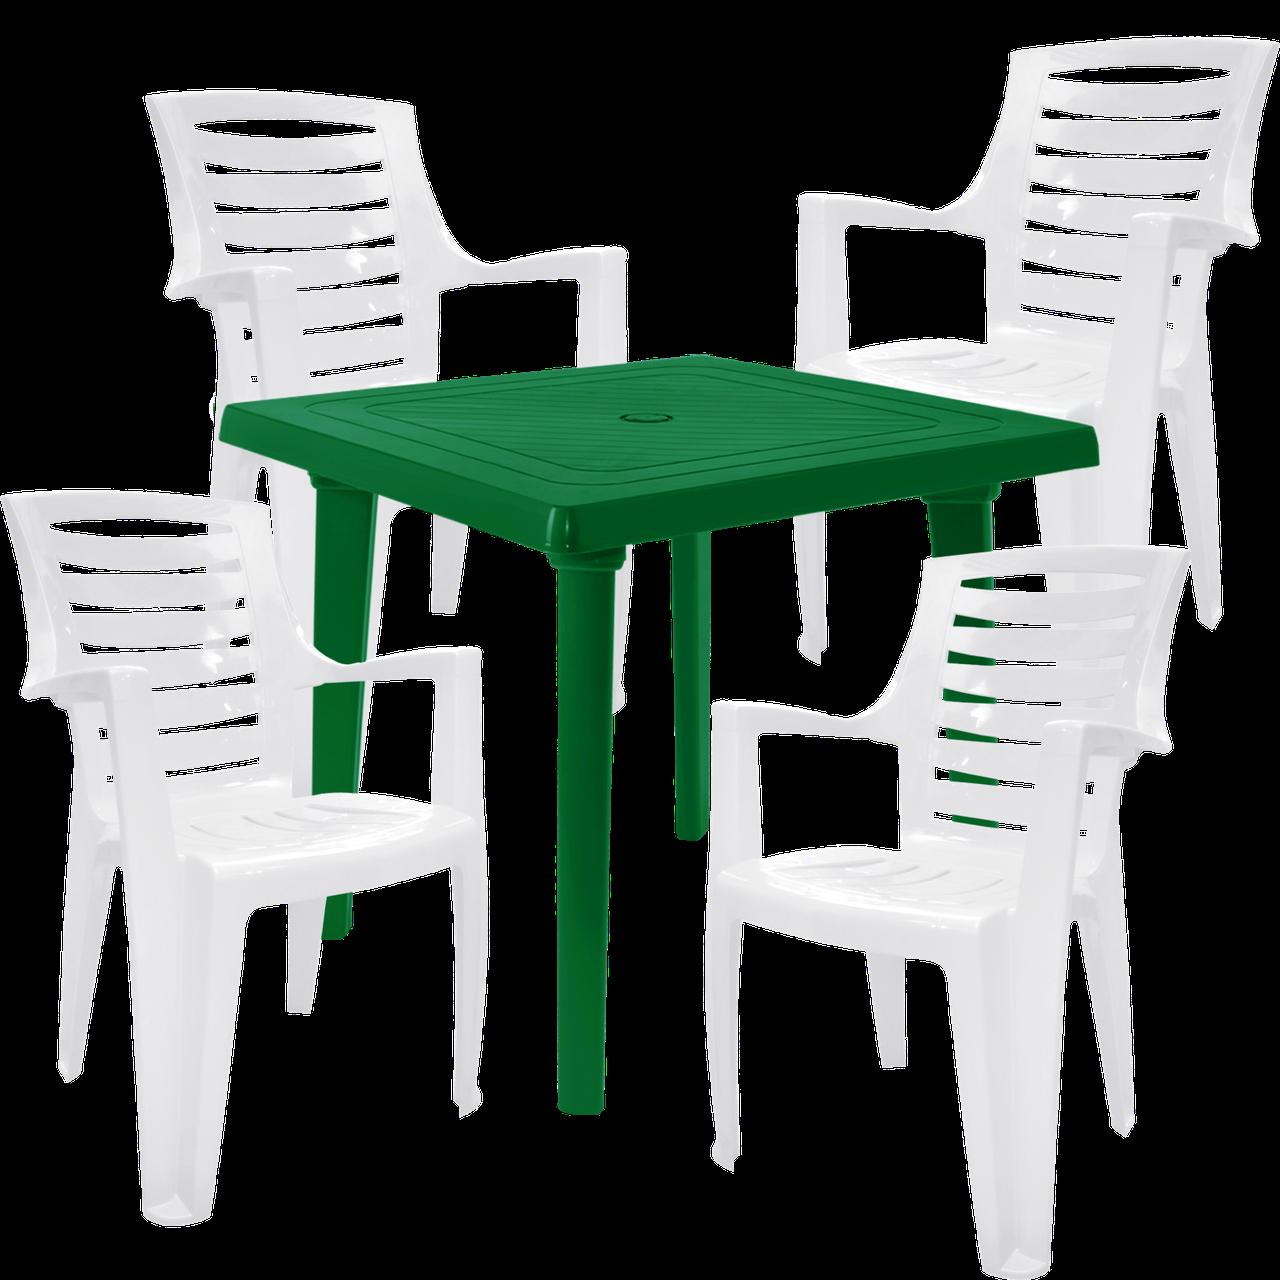 Стол пластиковый, стулья для сада Разноцветный (РЕКВАД 4bz)